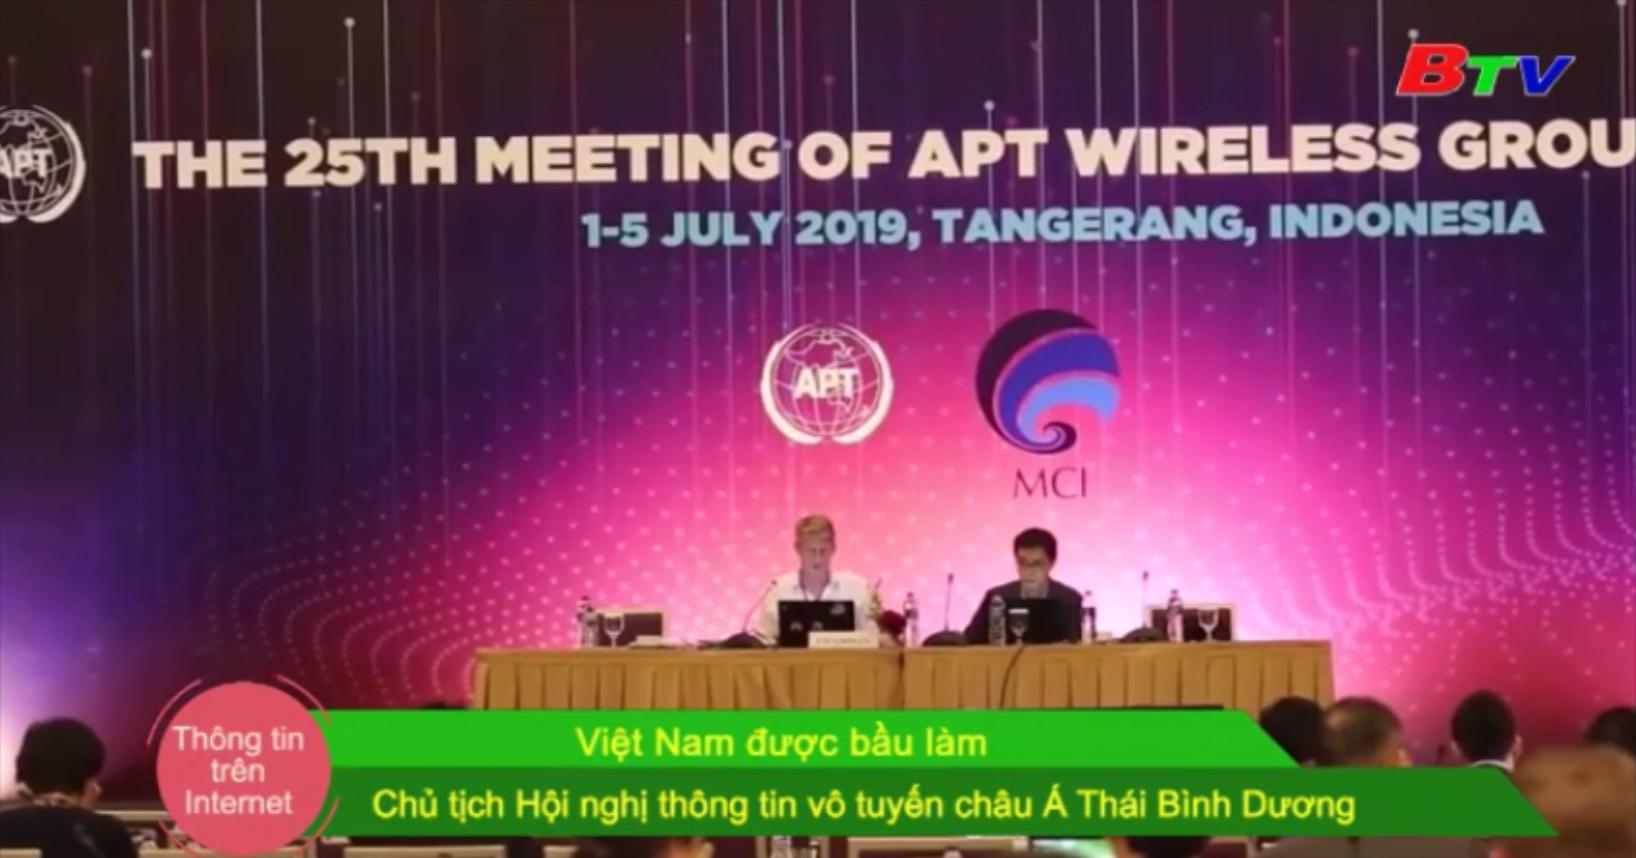 Việt Nam được bầu làm Chủ tịch Hội nghị thông tin vô tuyến châu Á Thái Bình Dương